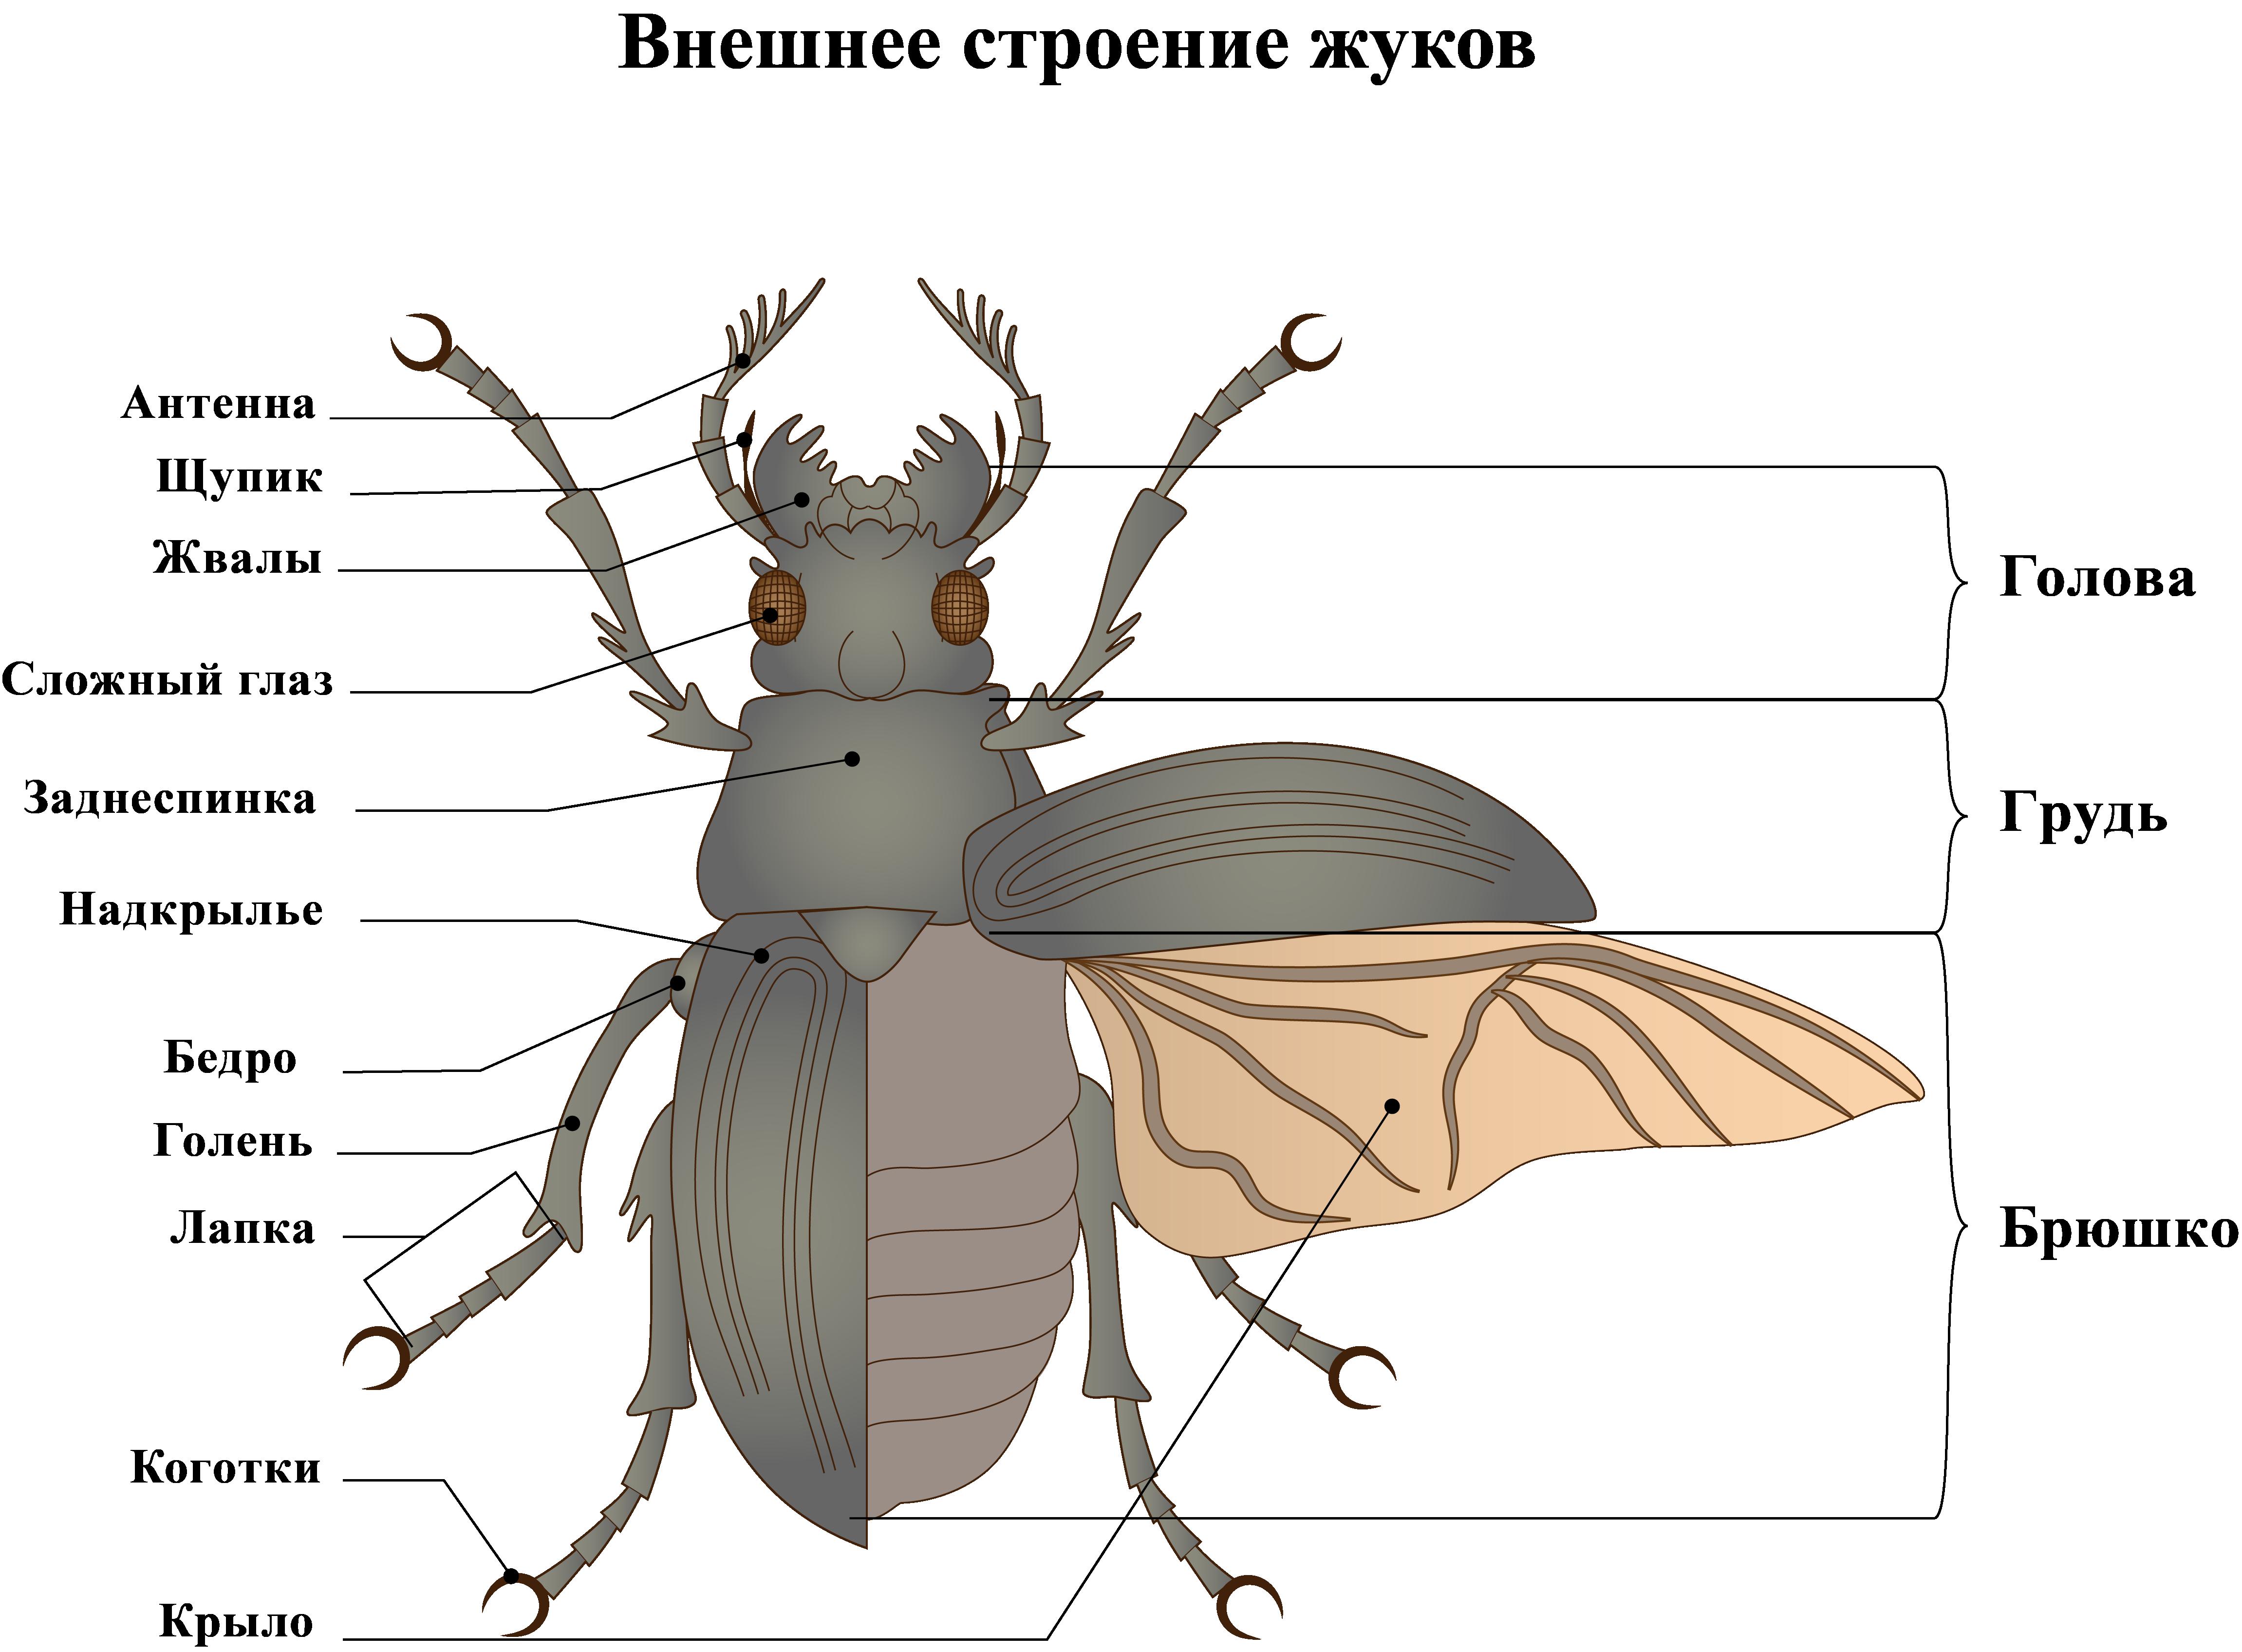 Внешнее строение жука